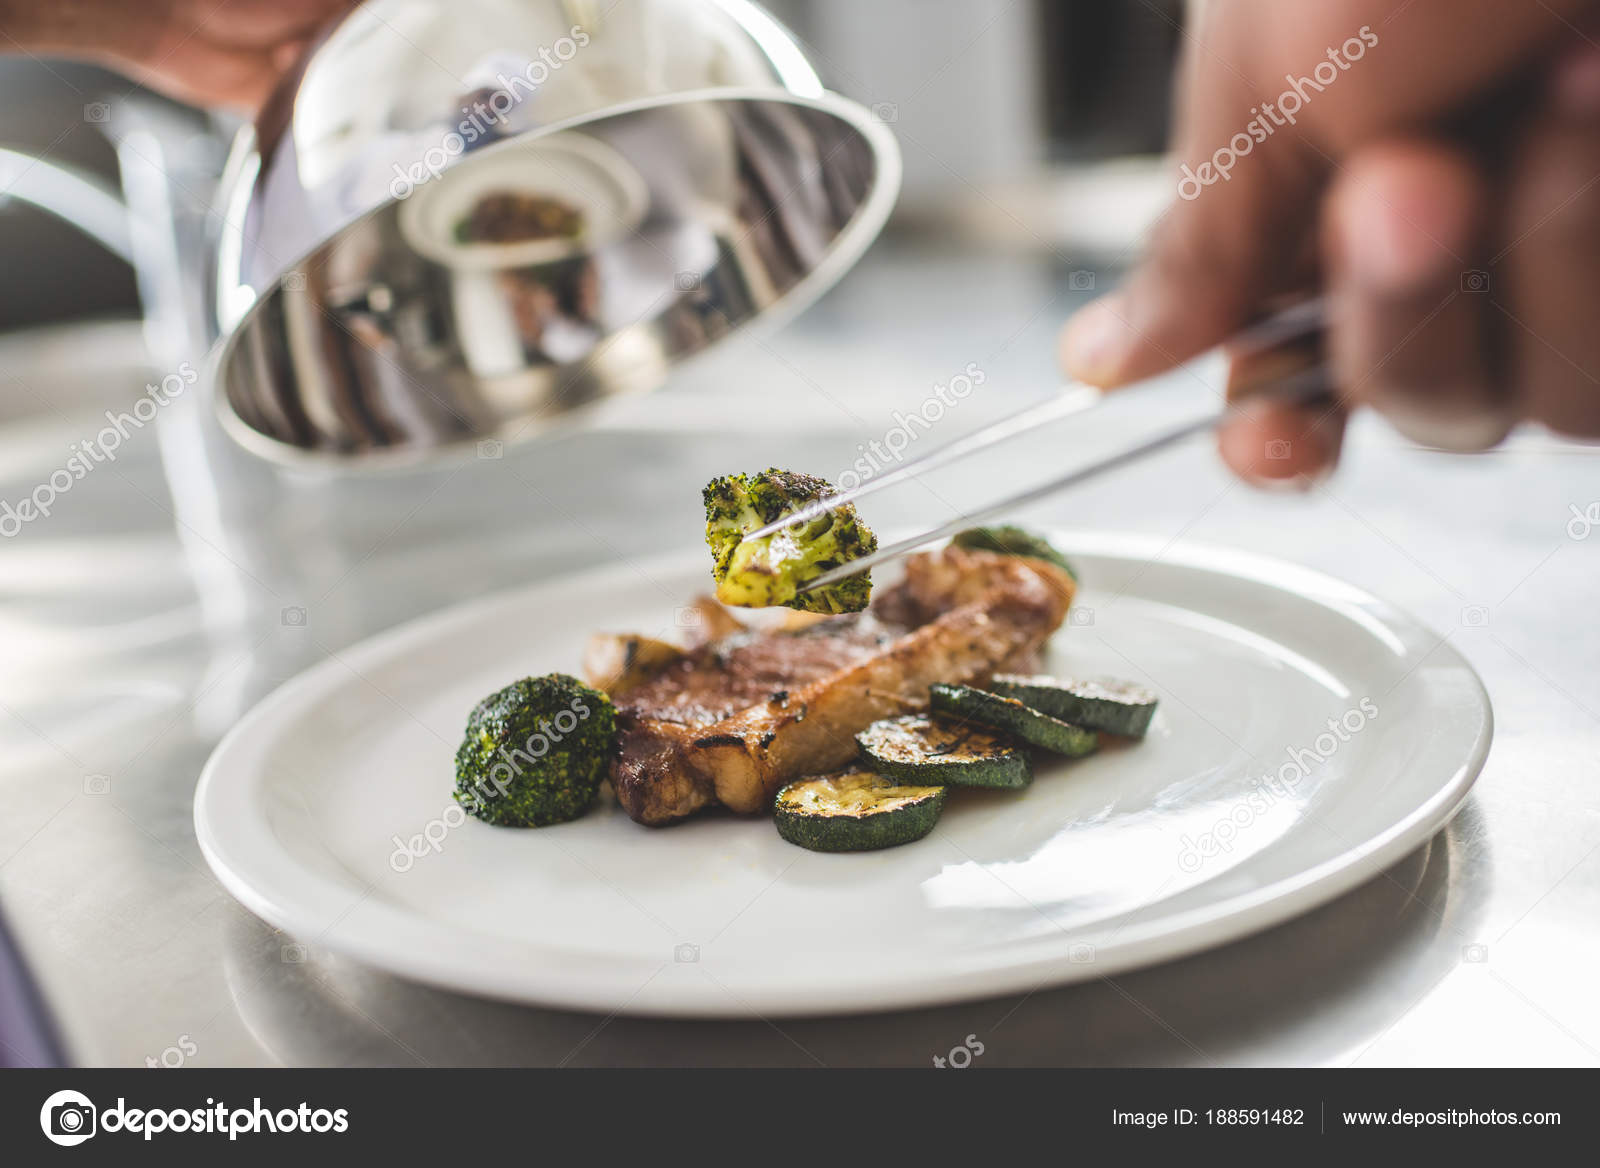 Immagine Potata Decorare Piatto Con Cibo Ristorante Cucina Cuoco ...